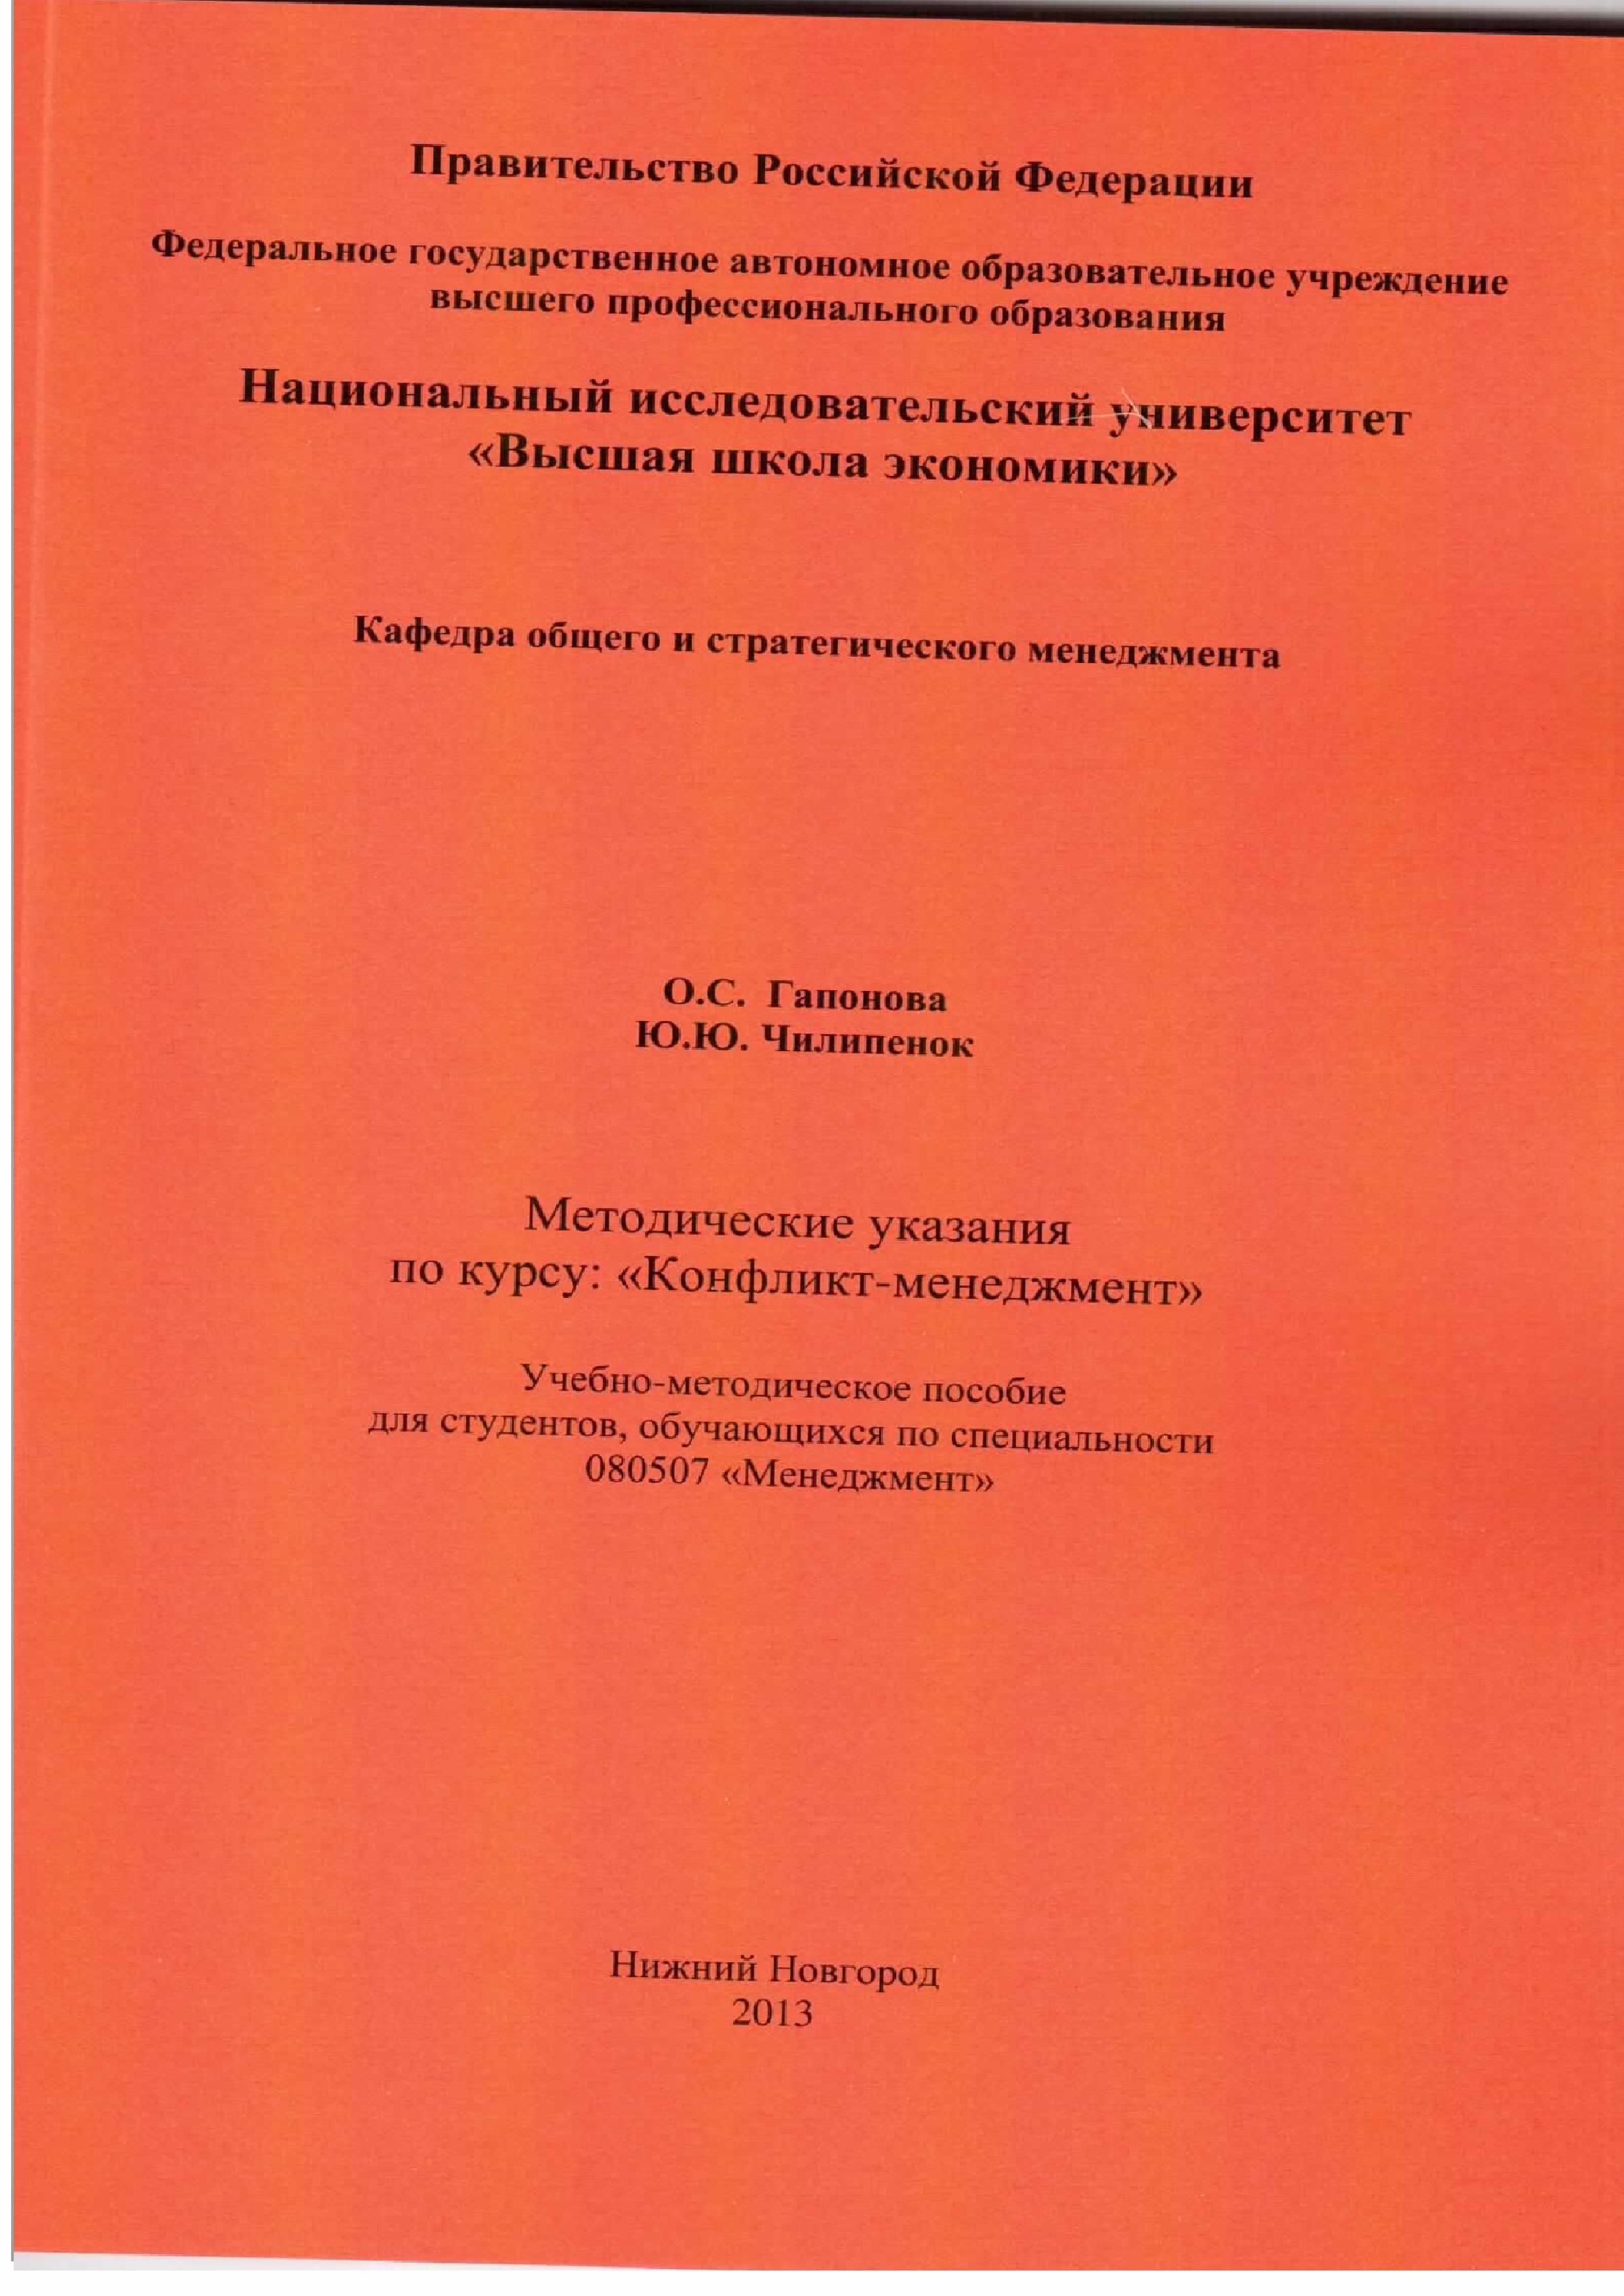 Методические указания по курсу: «Конфликт-менеджмент»